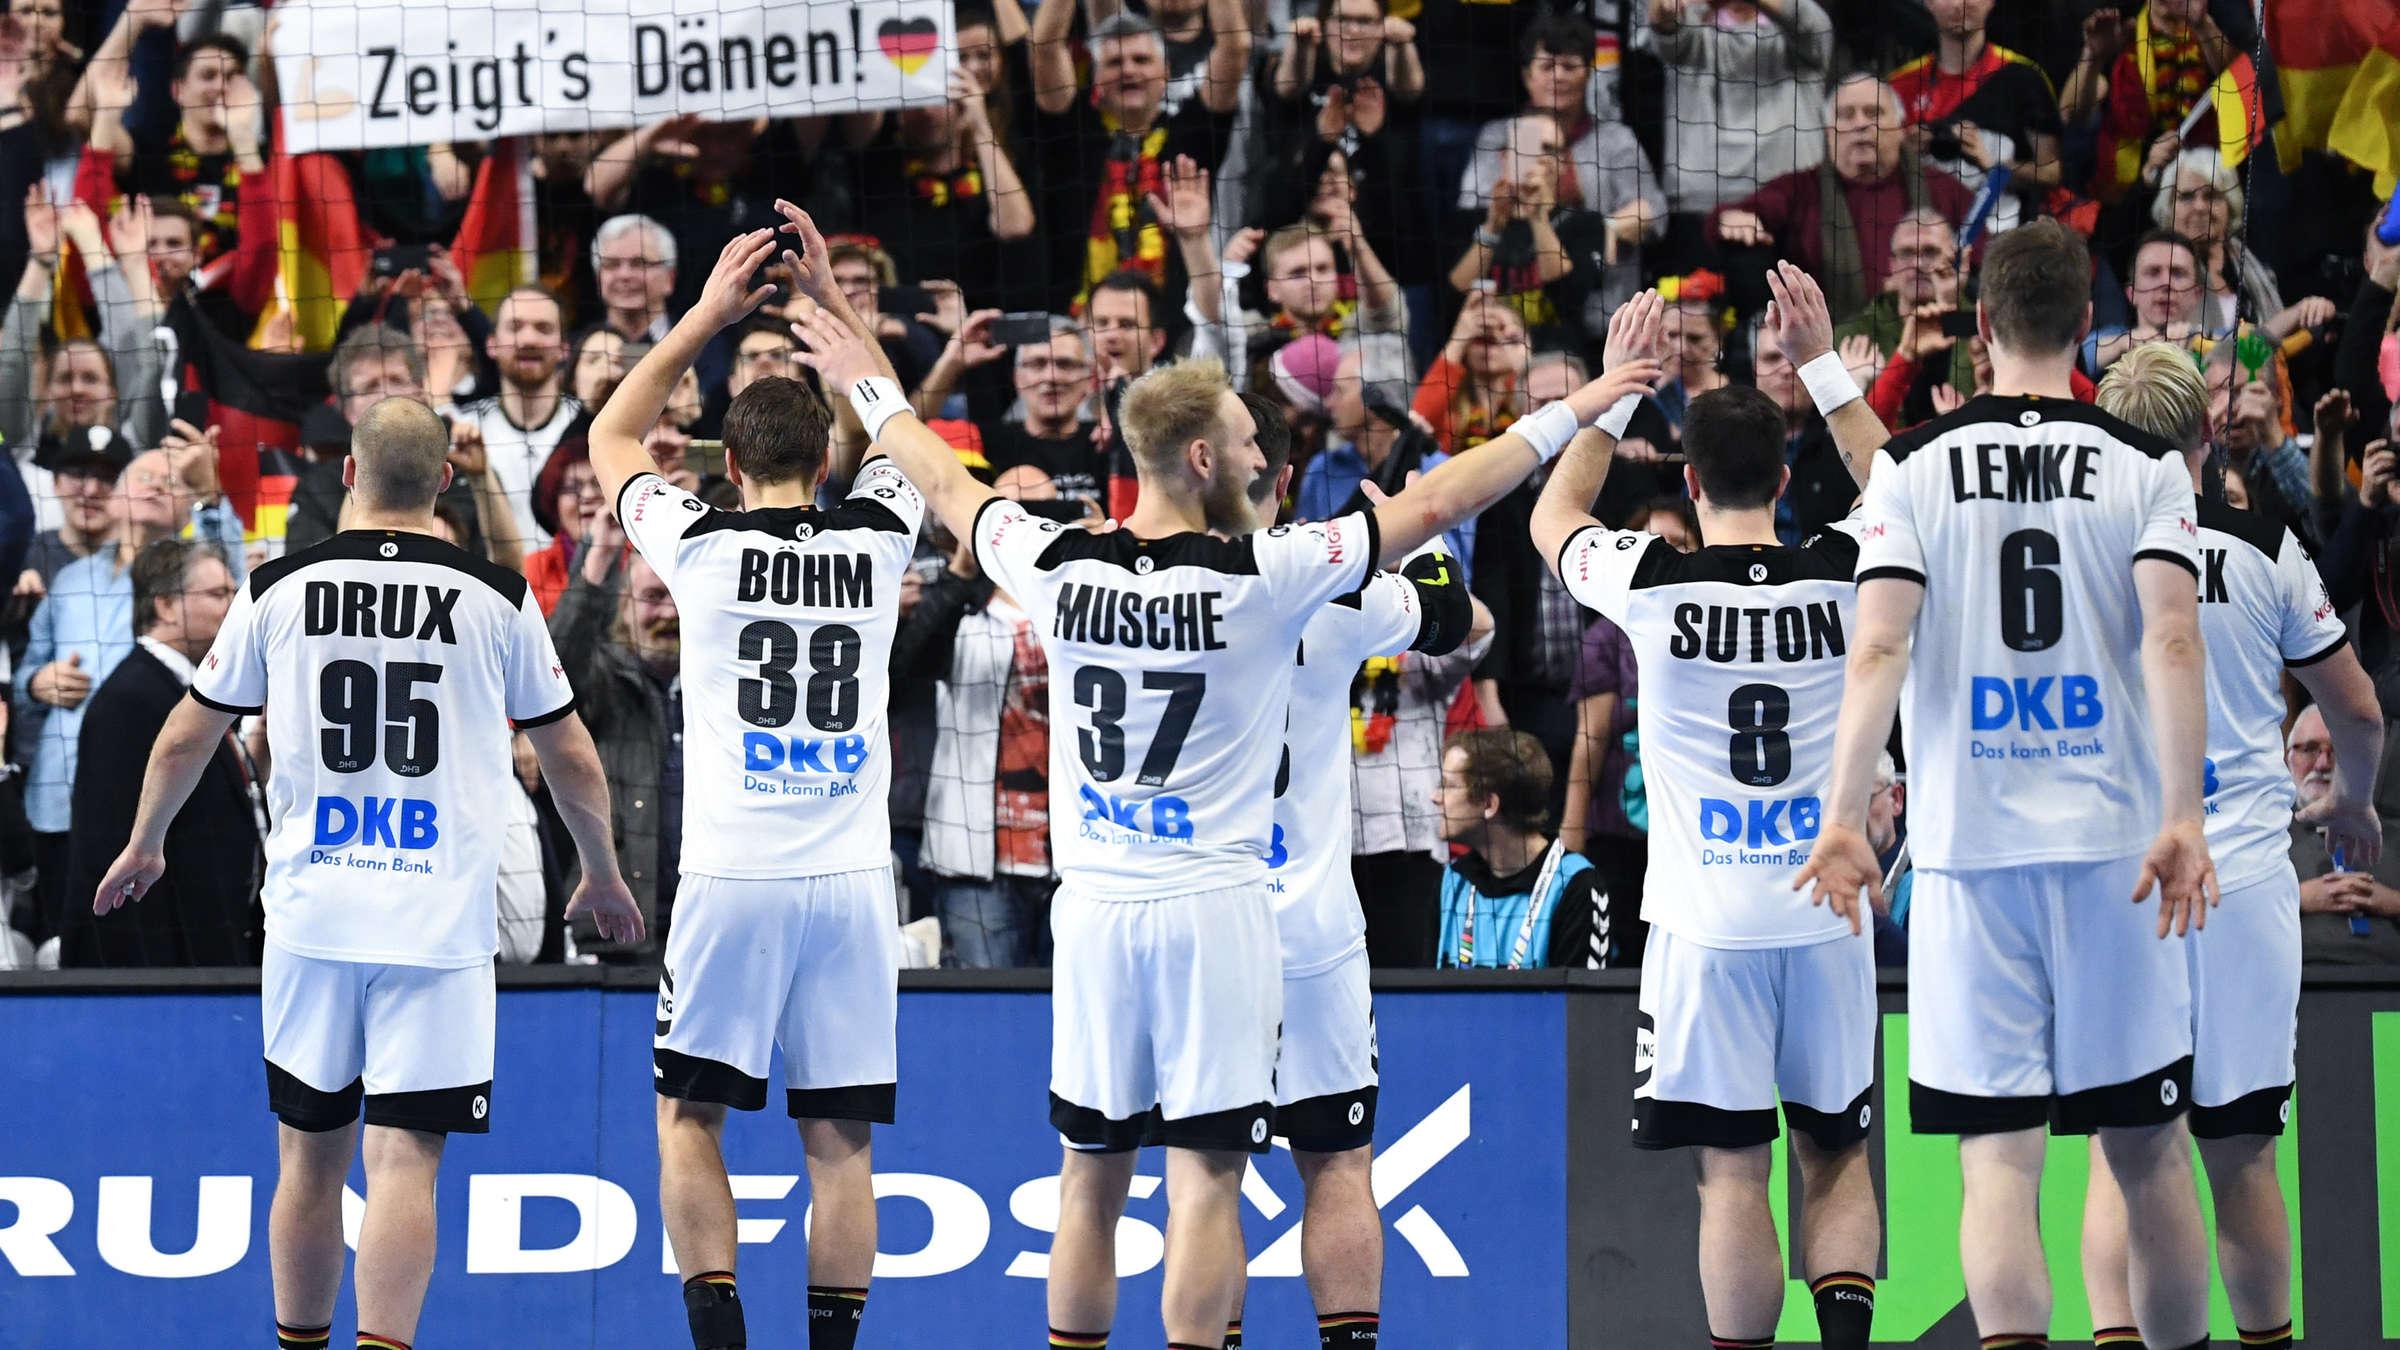 Handball wm im fernsehen heute